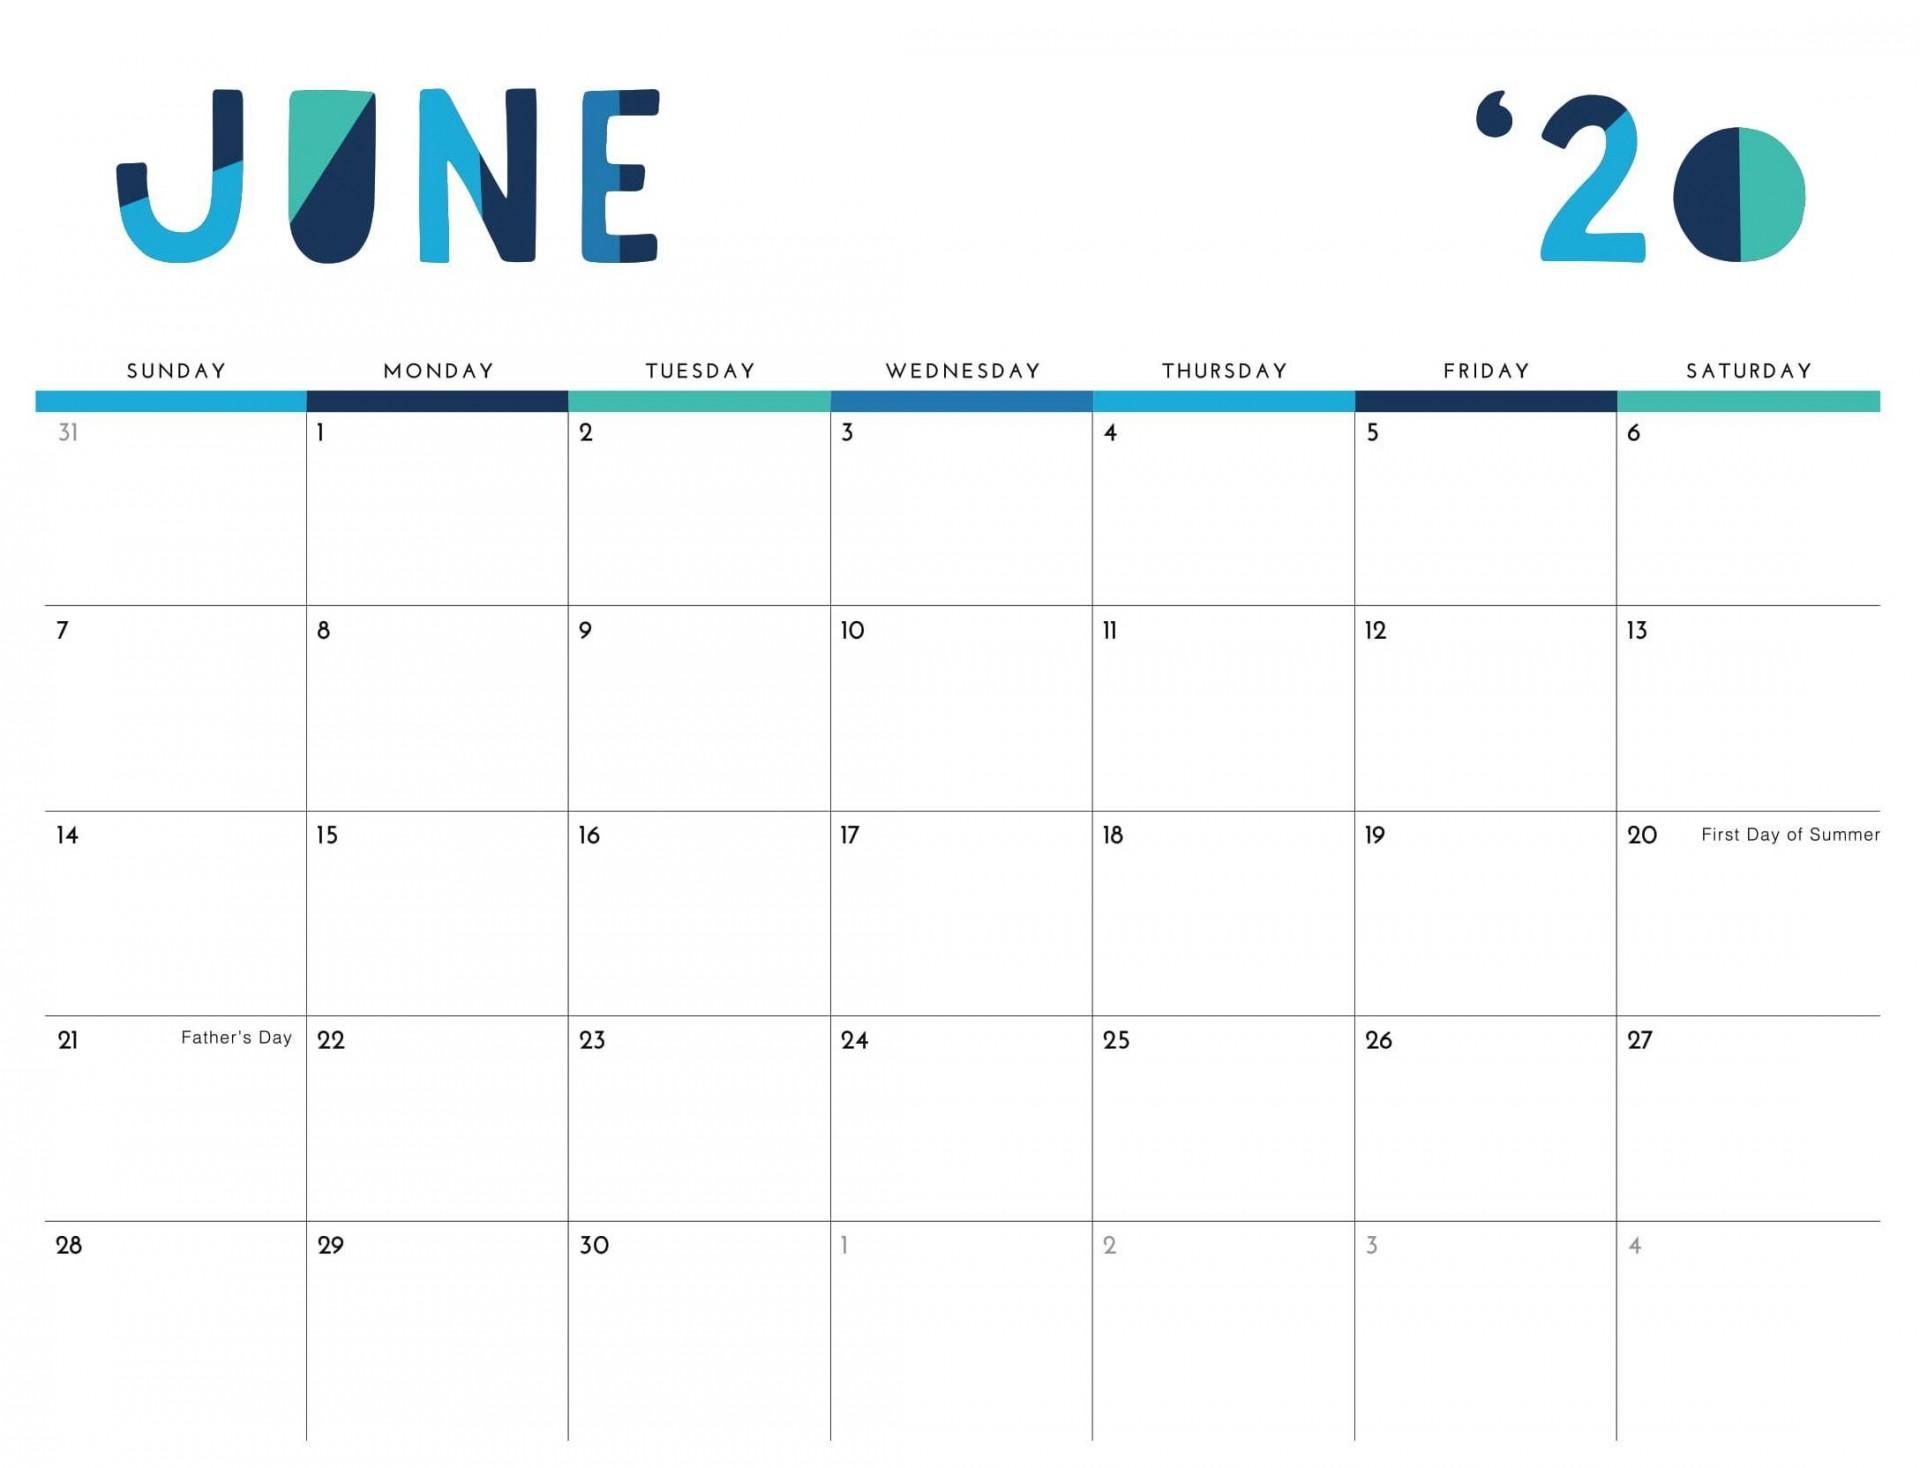 004 Fantastic Printable Calendar Template June 2020 High Def  Free1920